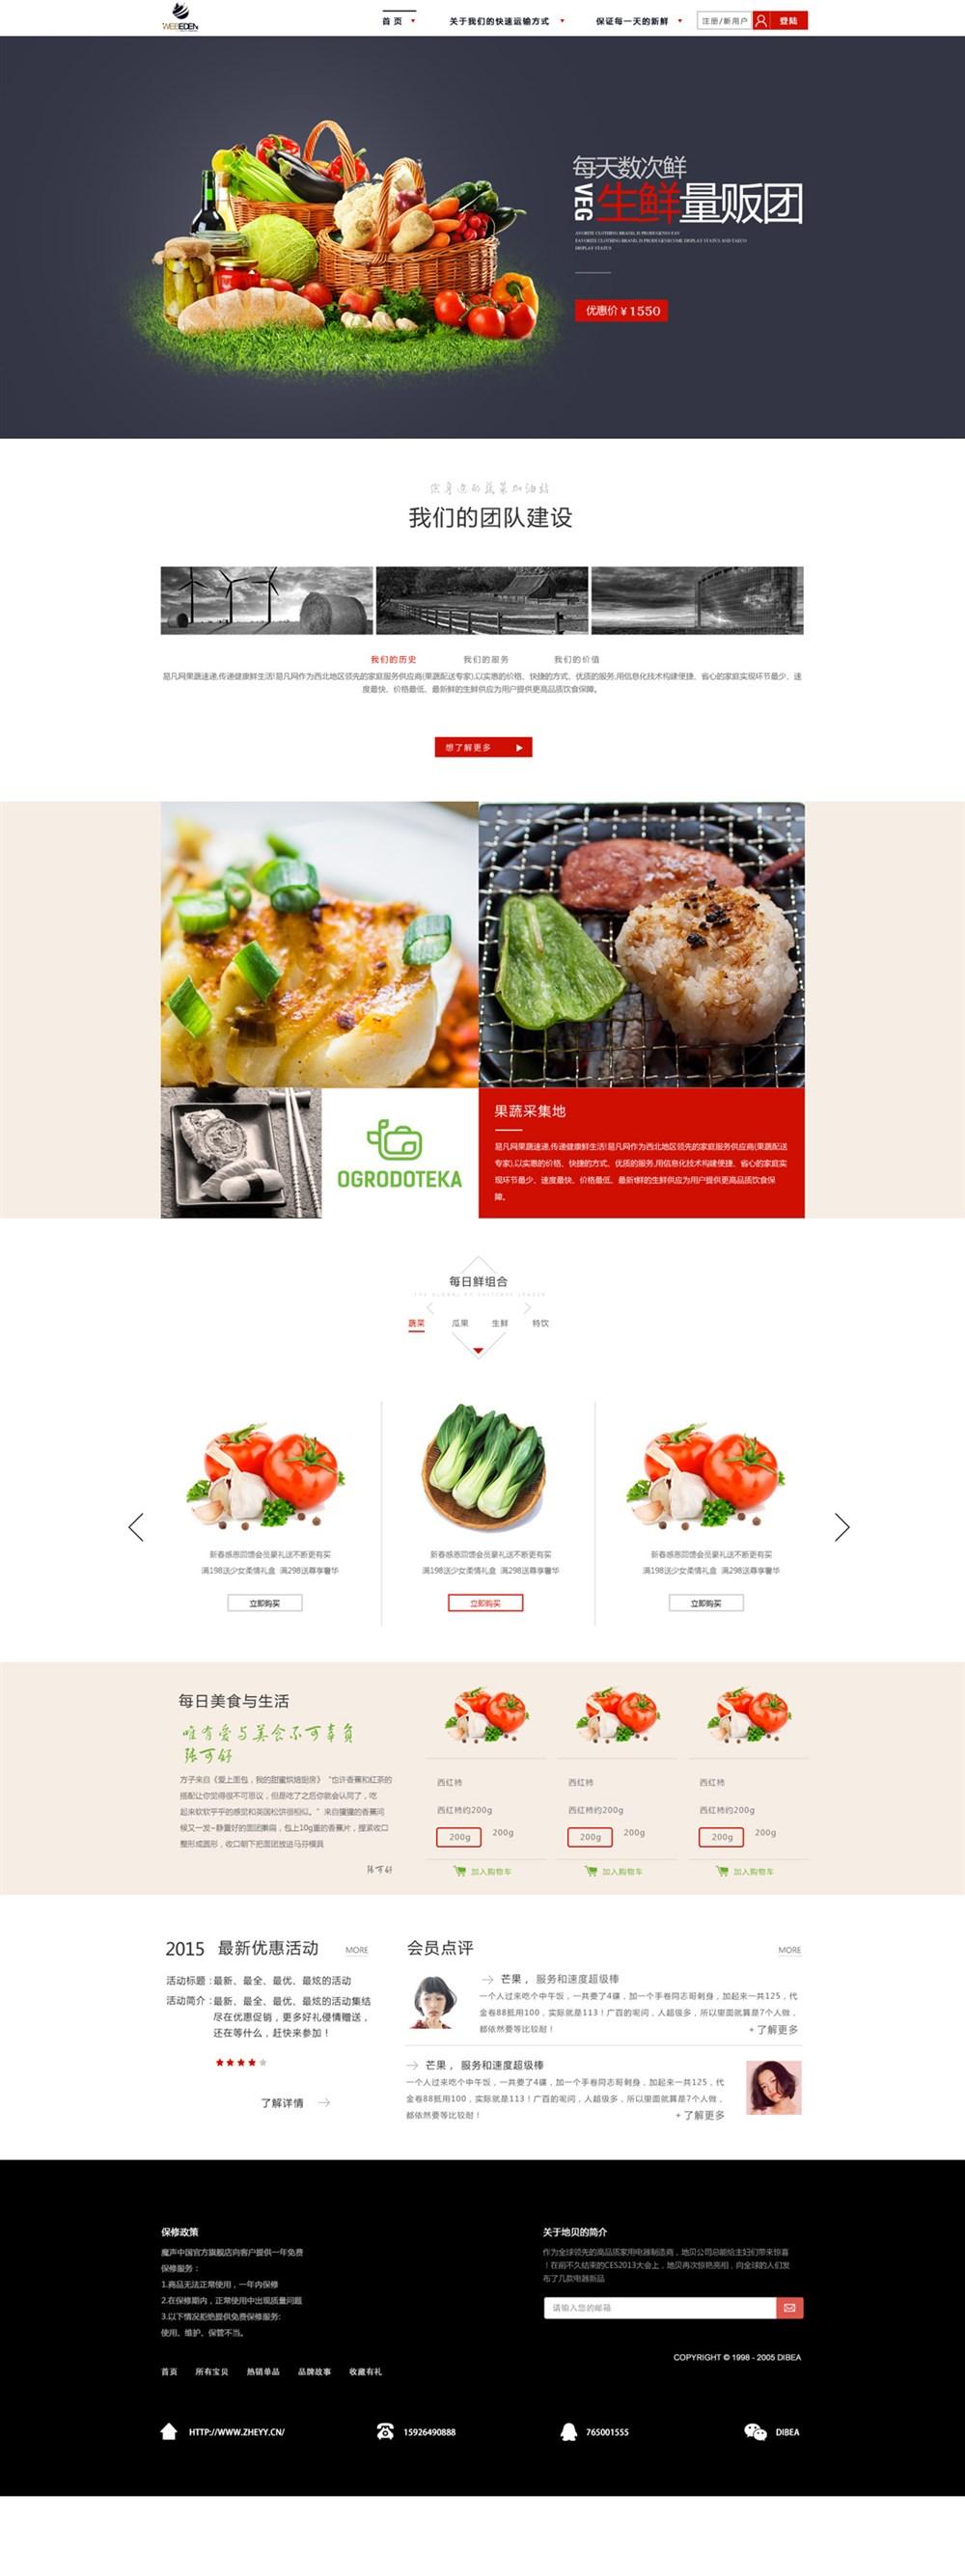 3组餐饮美食类网站页面效果图-中国设计网图片